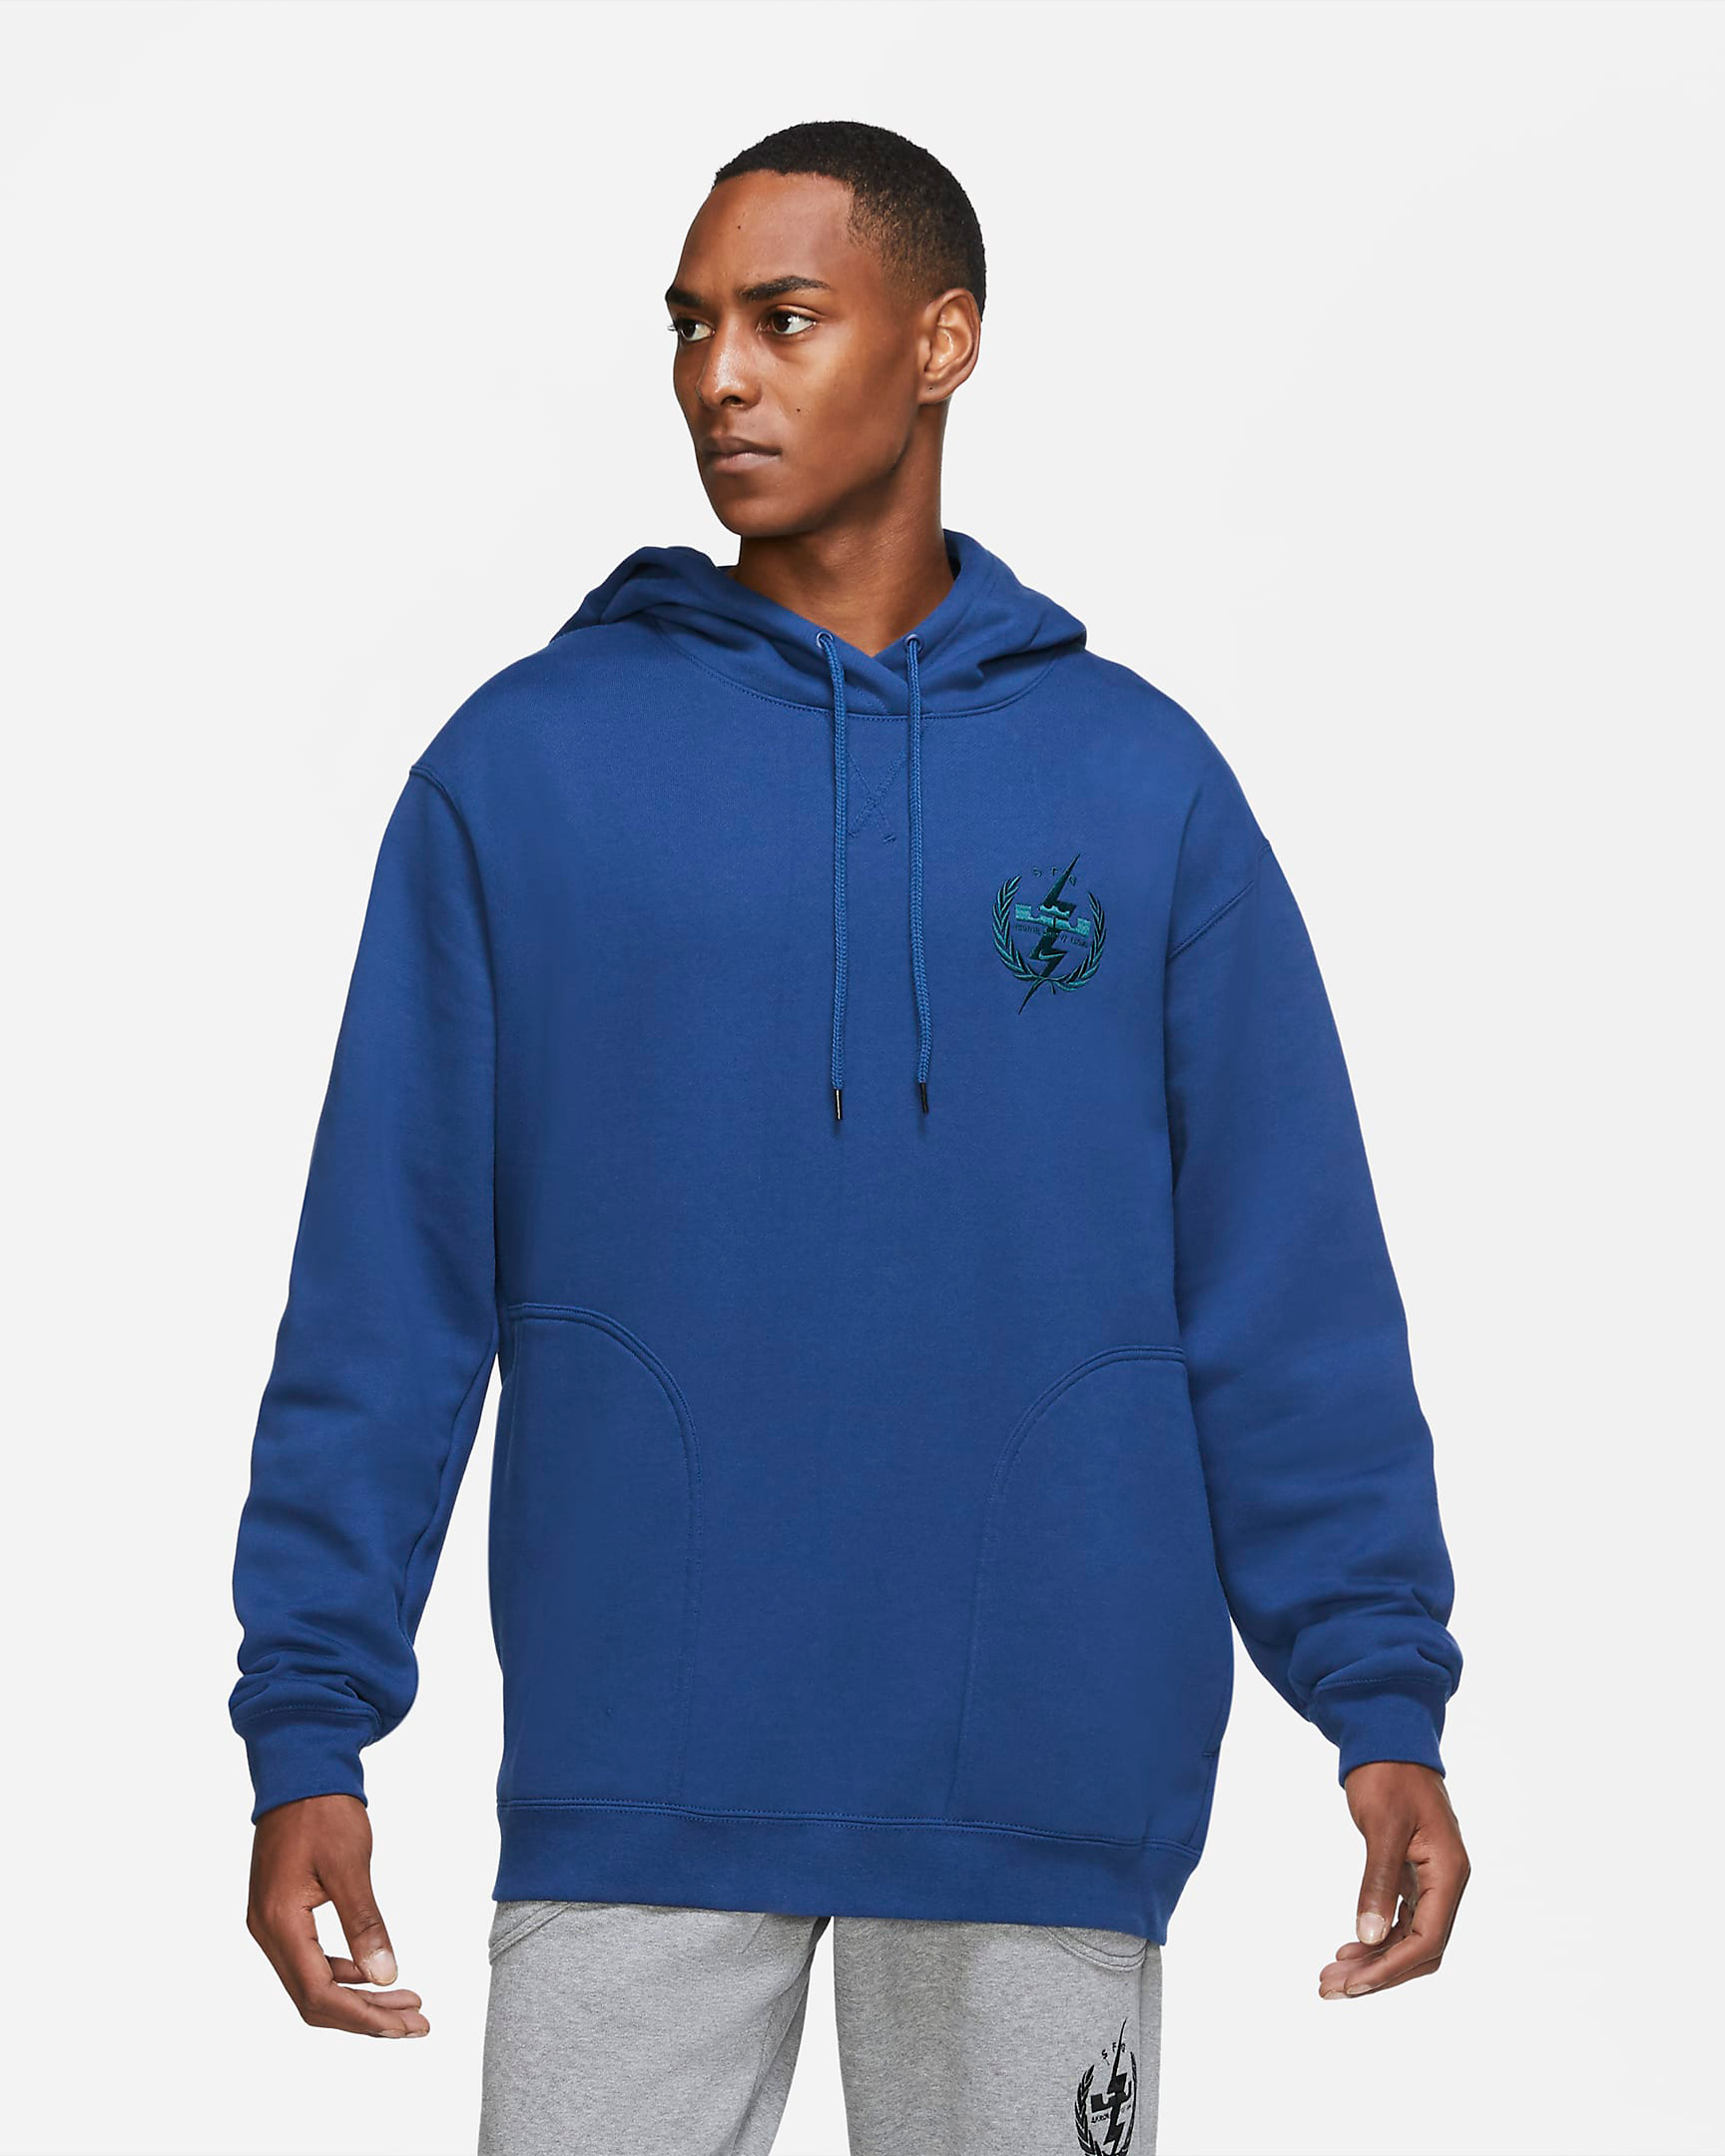 nike-lebron-baseball-blue-hoodie-1